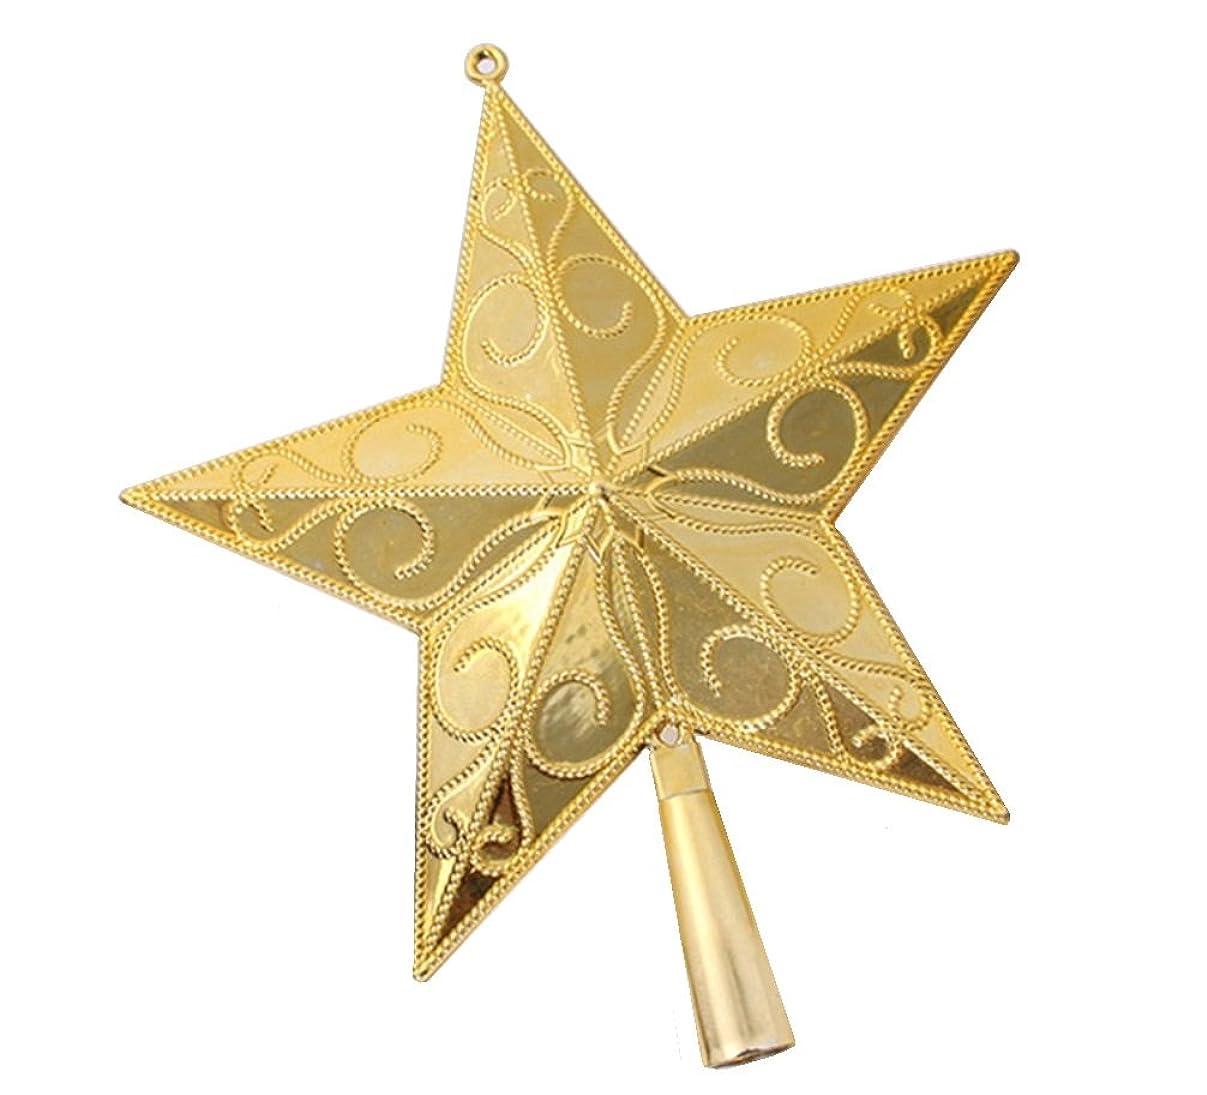 トークストロー性能クリスマス デコレーション 20cm 15cm アールデコ アラベスク ゴールド クリスマスツリー グリッター ホロー ツリートップ スター 星 オーナメント (20cm)